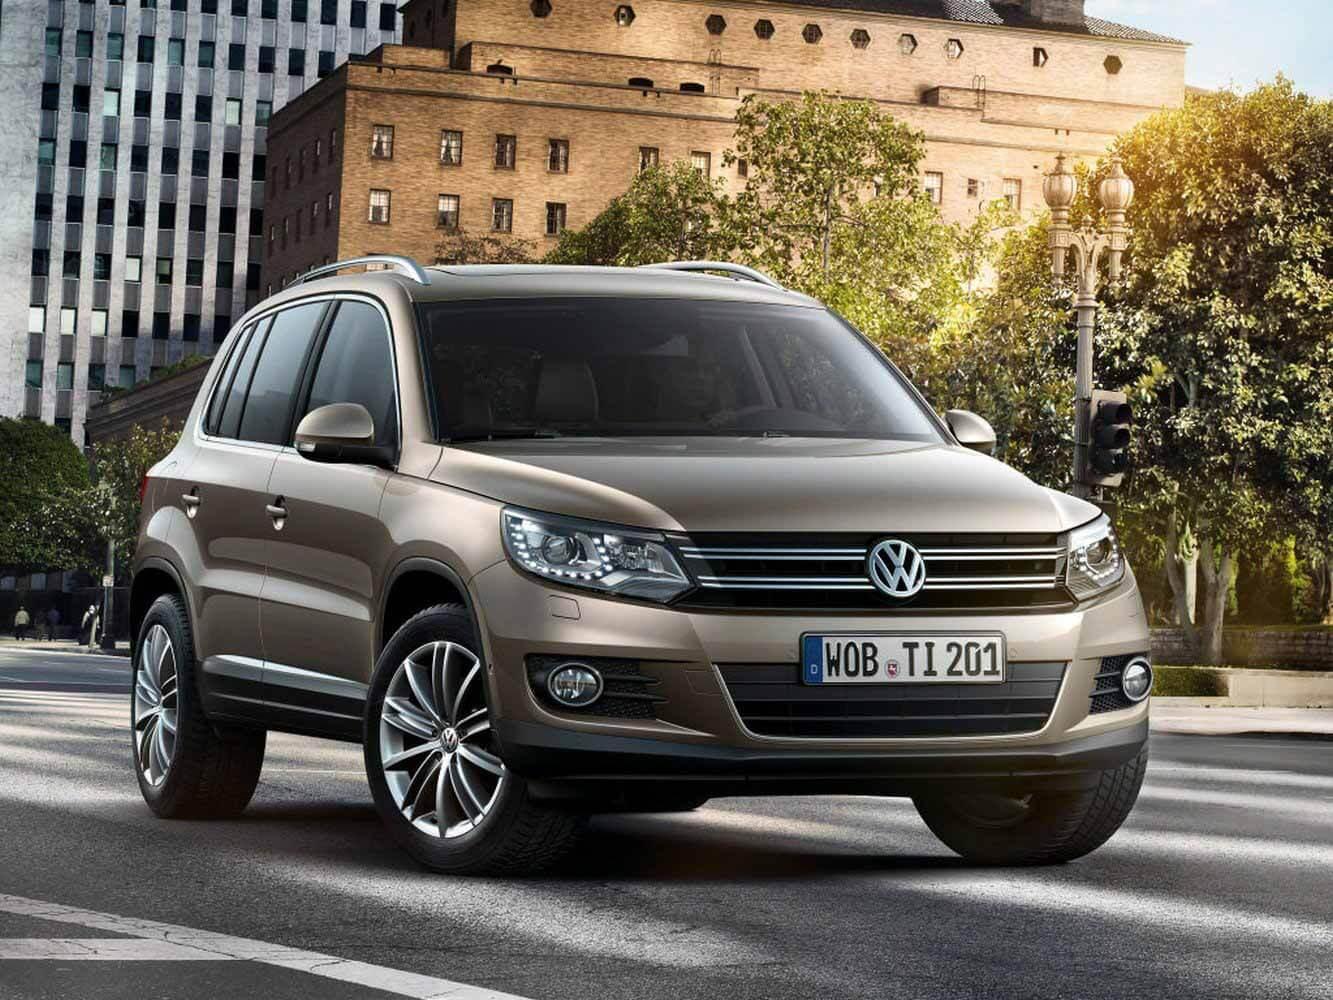 Почему Volkswagen Tiguan «кипит» - причины и следствия